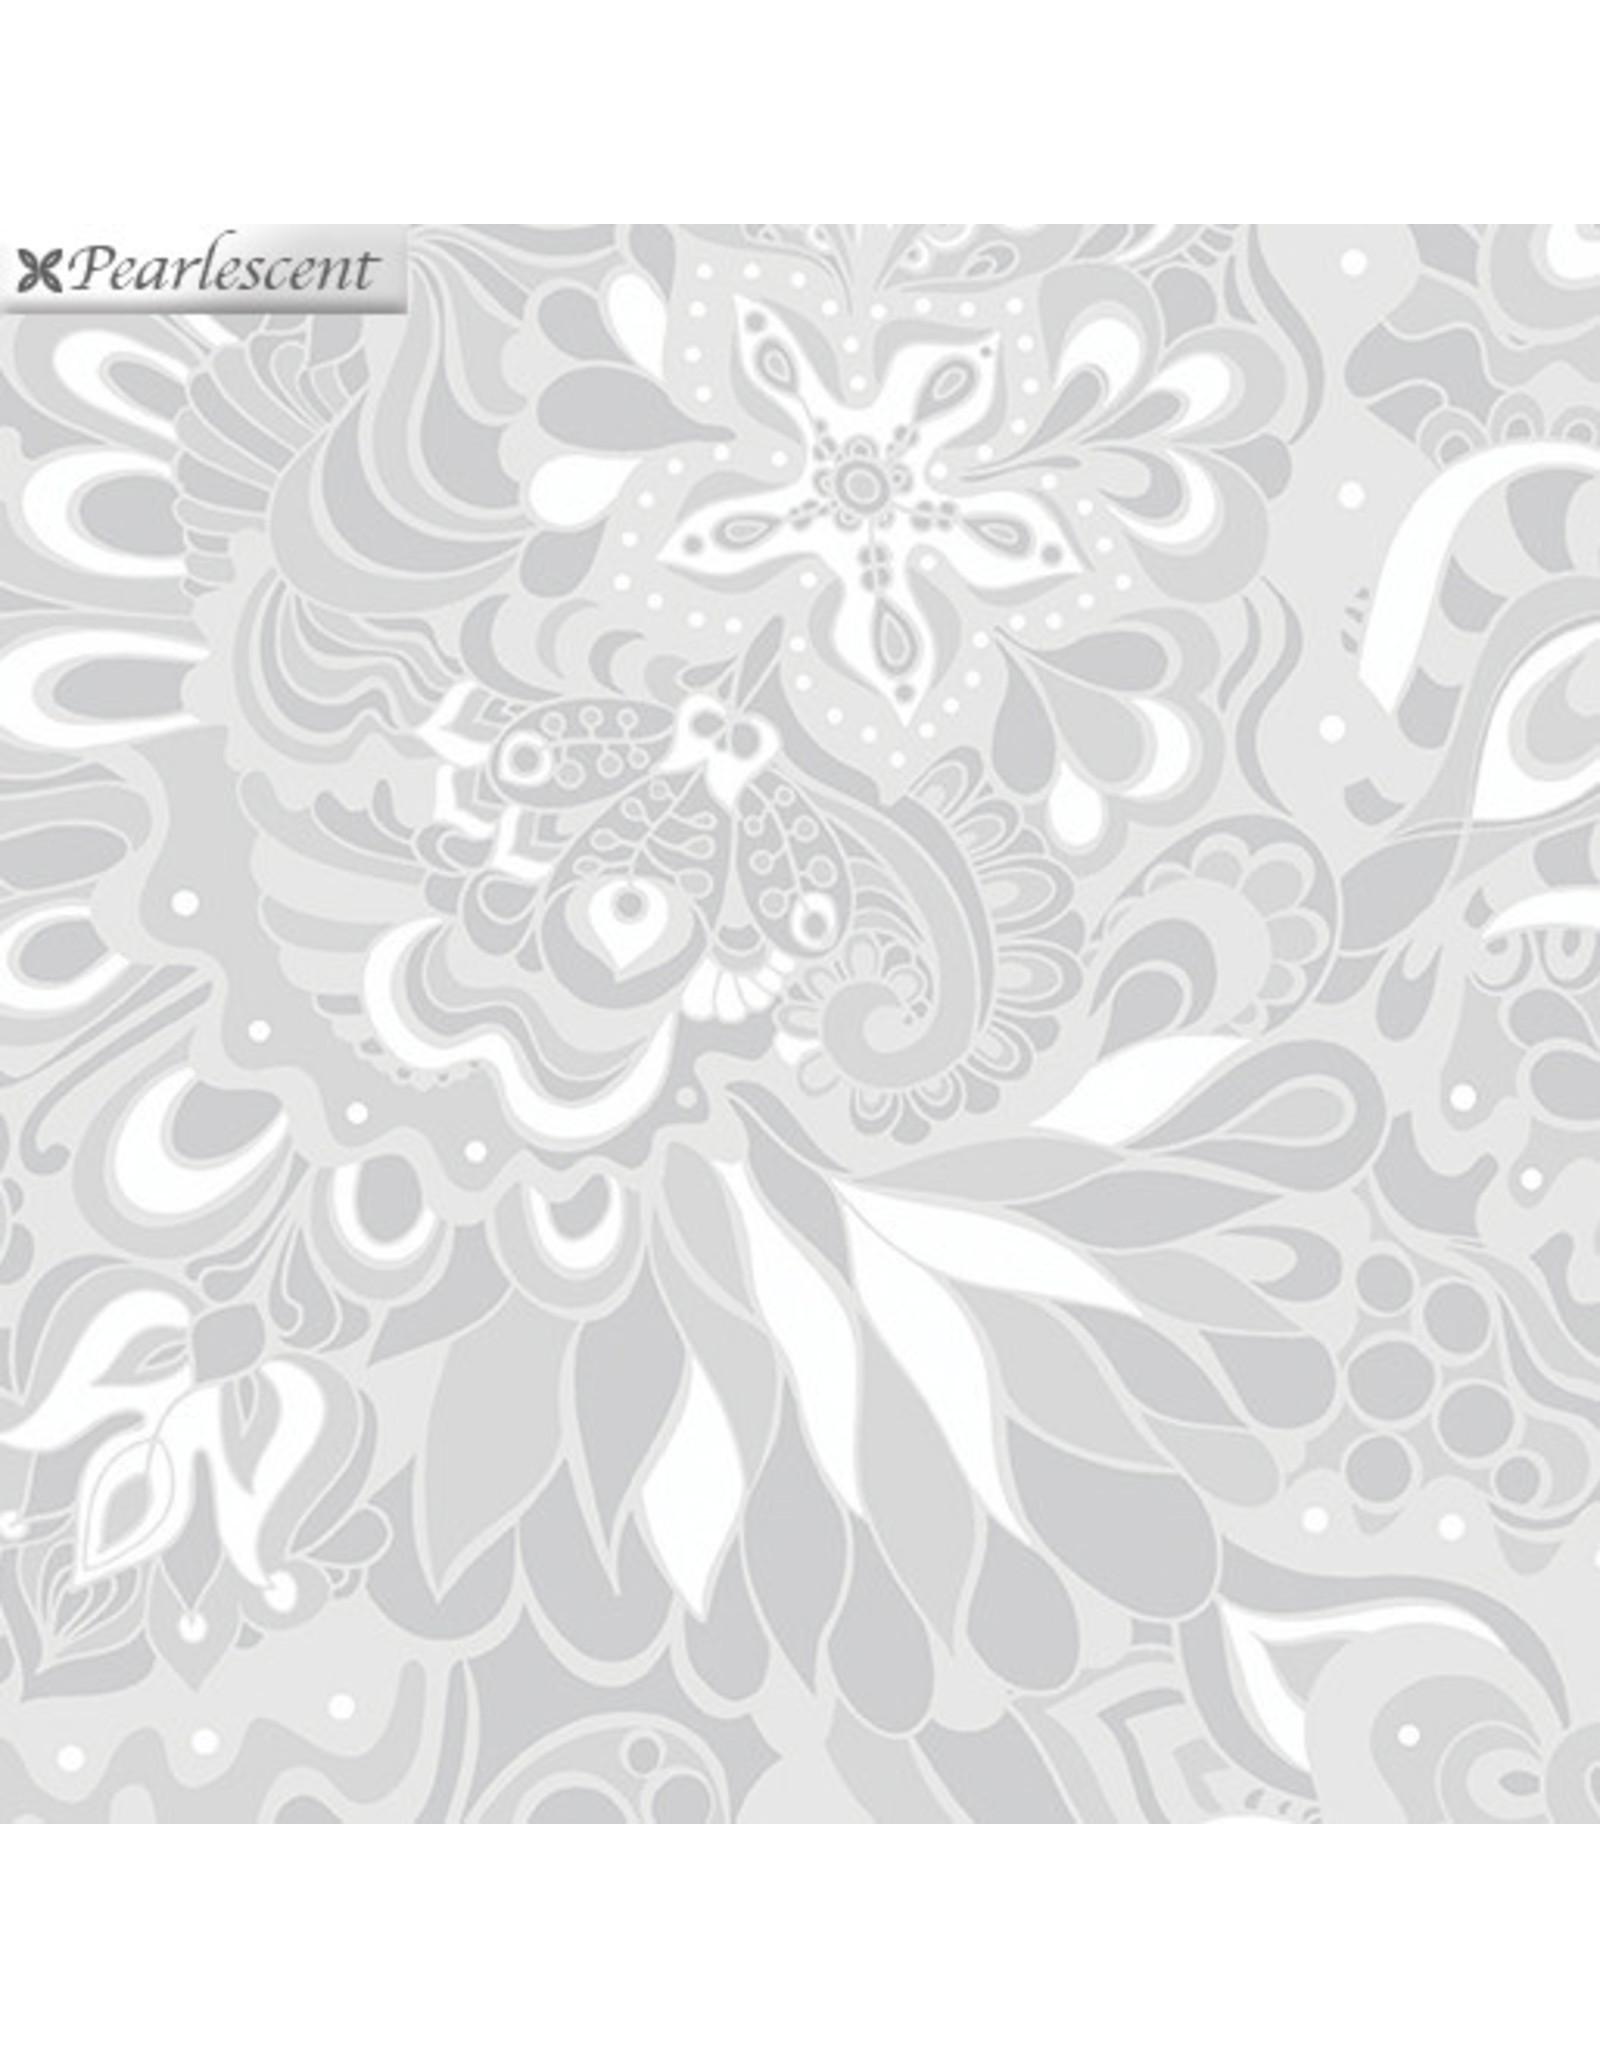 Contempo Jubilee Silver - Floral Light Gray